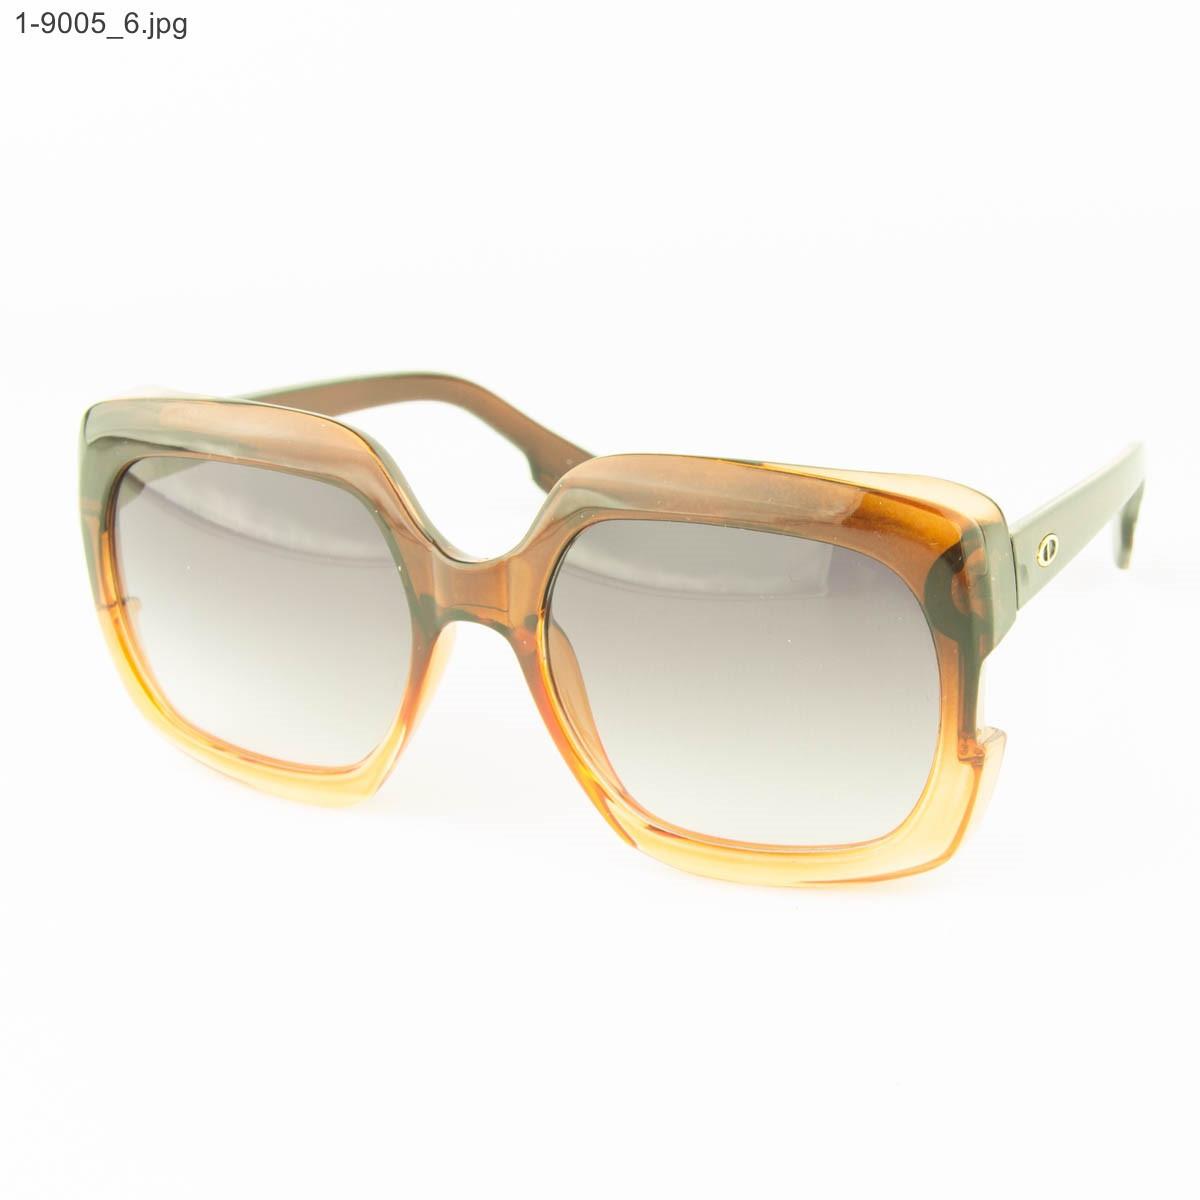 Оптом женские солнцезащитные очки - Цветные - 1-9005